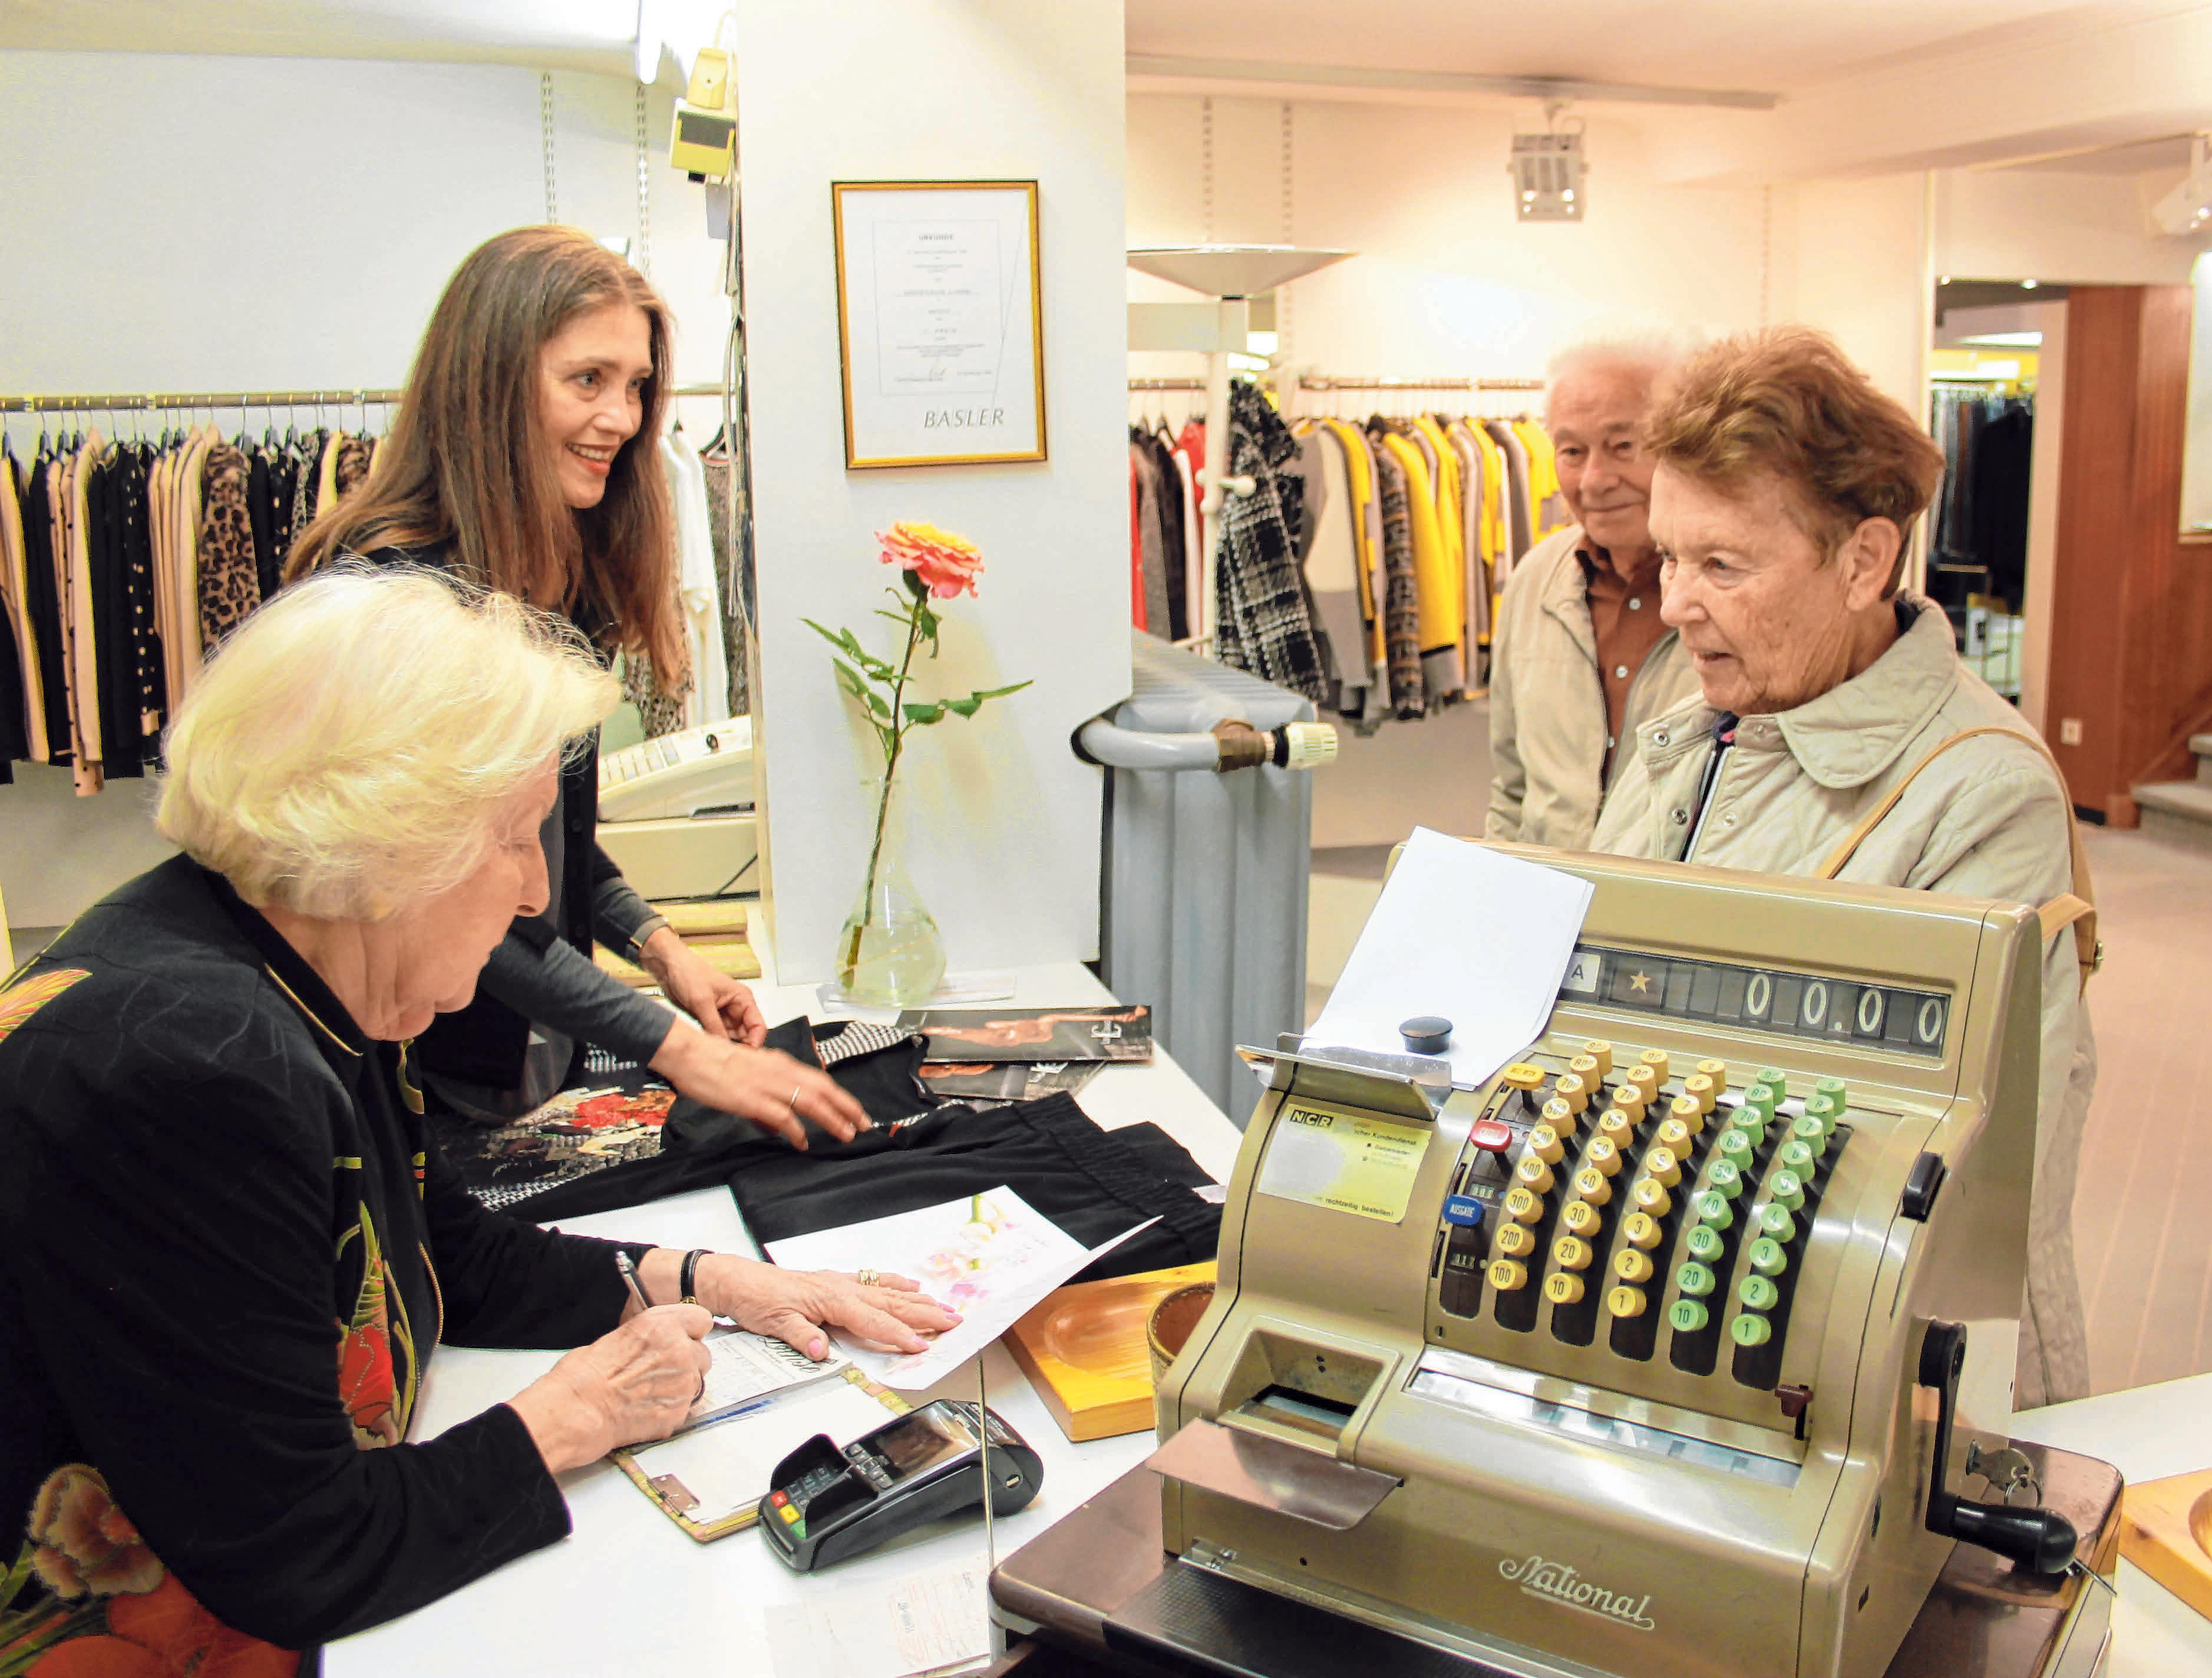 """In ihrem Modehaus ist Sigrid Fried (links) in ihrem Element. Neben der persönlichen Beratung und dem umfassenden Service muss immer Zeit für ein """"Schwätzchen"""" mit den Kunden bleiben."""